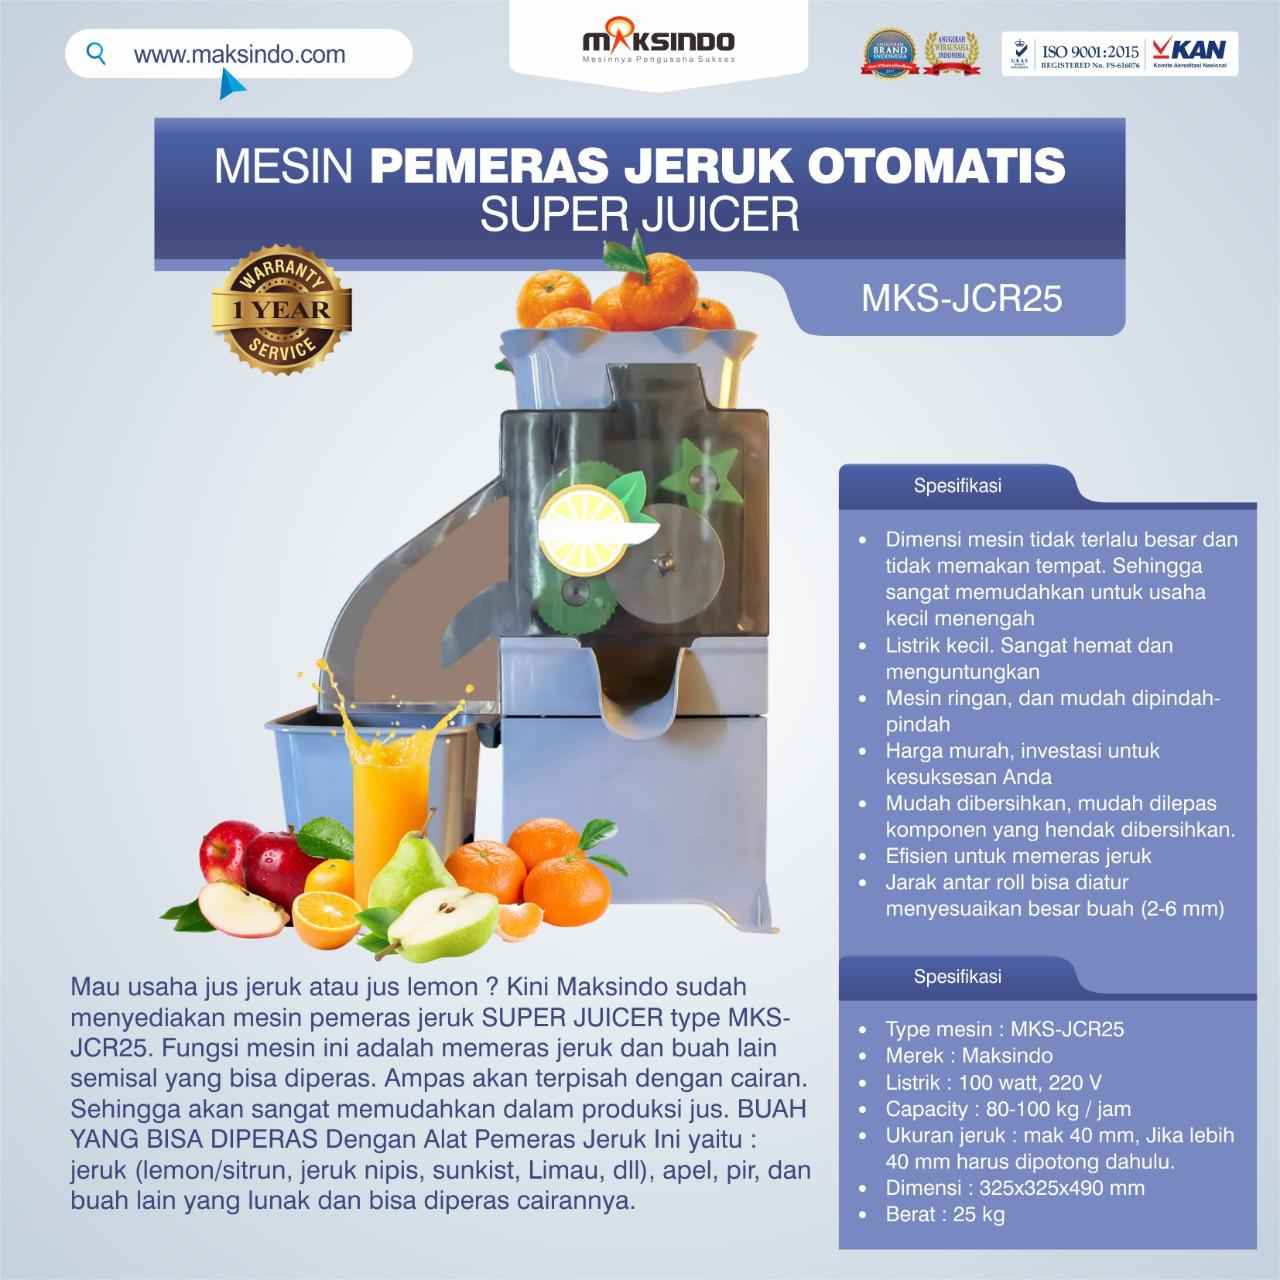 Jual Mesin Pemeras Jeruk Otomatis Super Juicer MKS-JCR25 di Bekasi